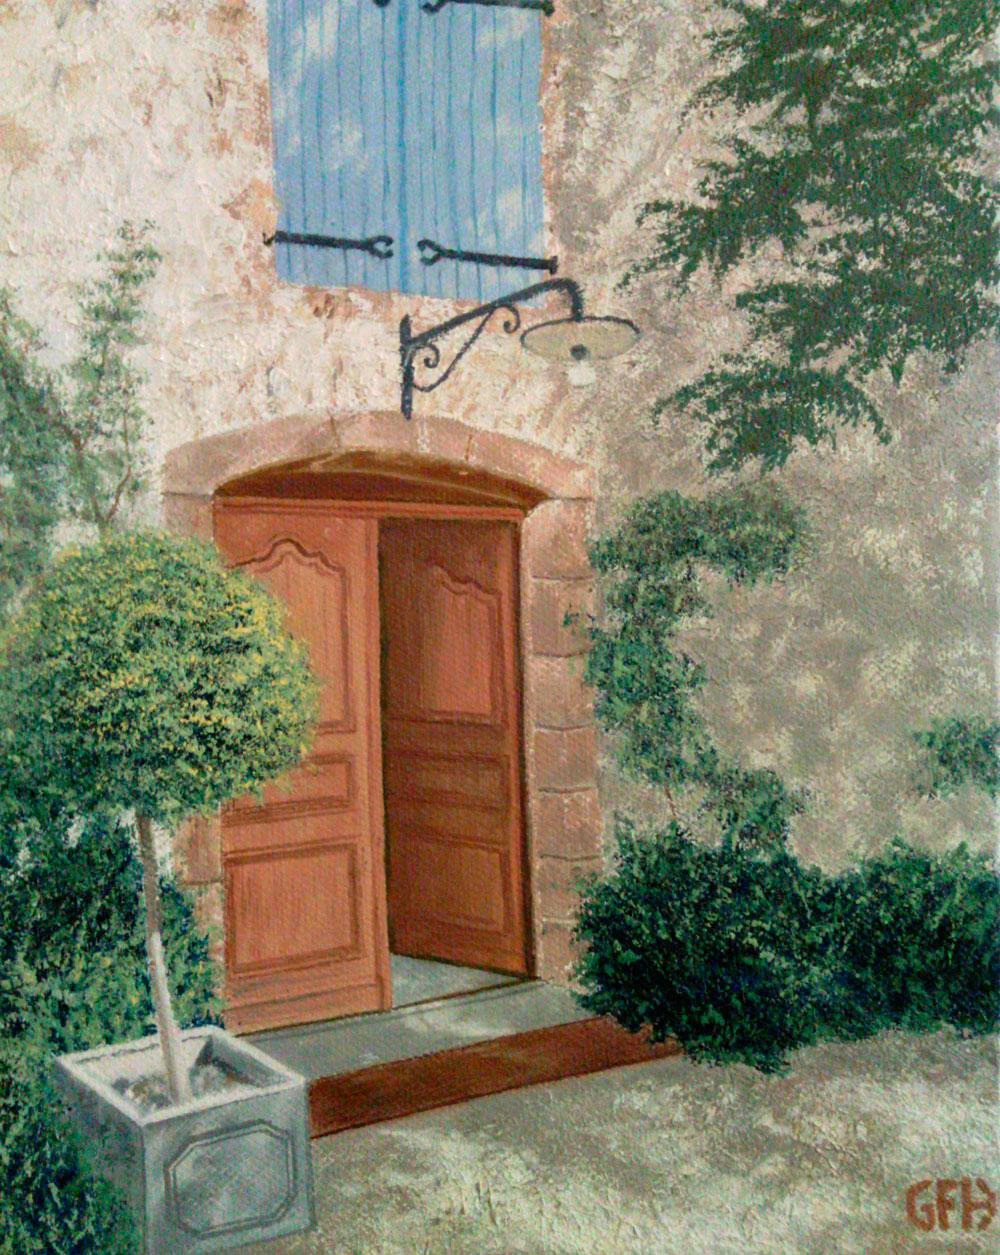 Porte Francaise Gail Frances Hall